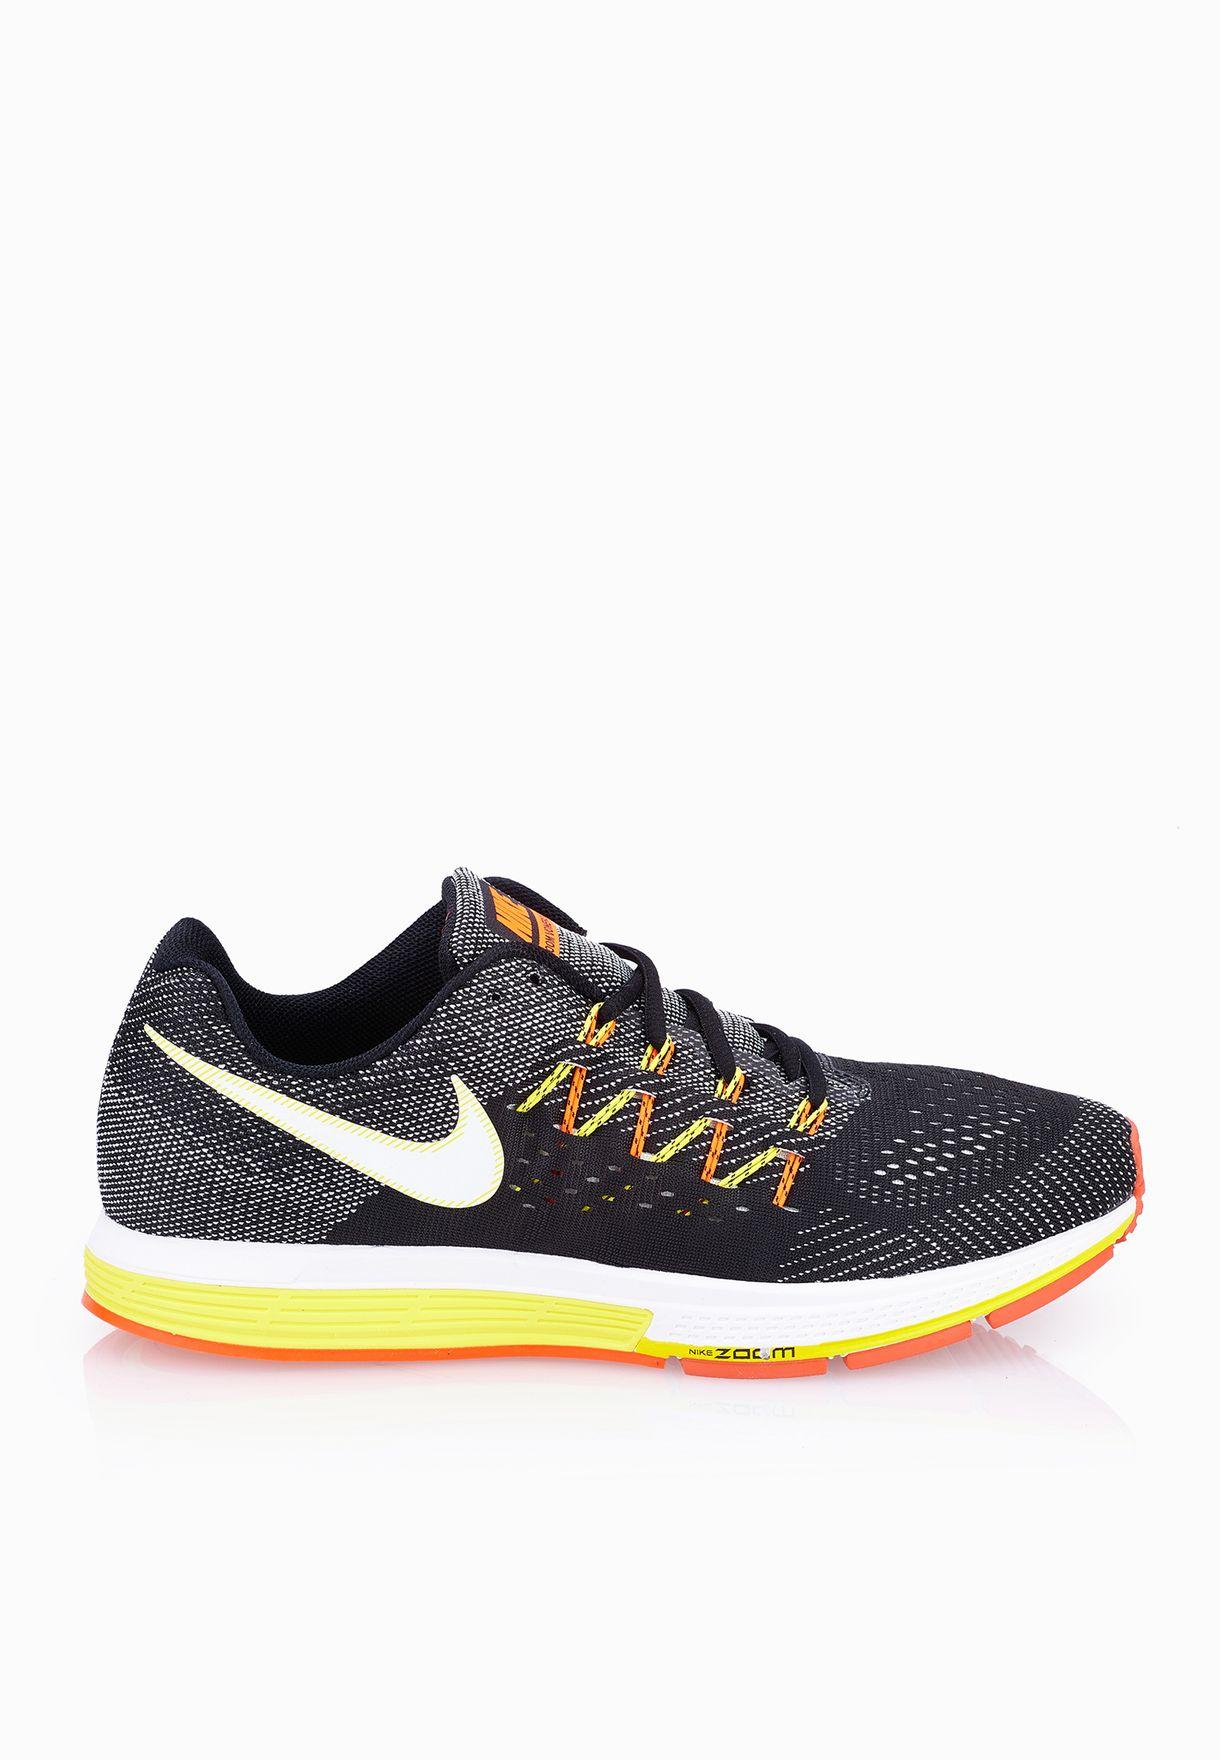 07d0689b3ea Shop Nike multicolor Air Zoom Vomero 10 717440-008 for Men in UAE ...